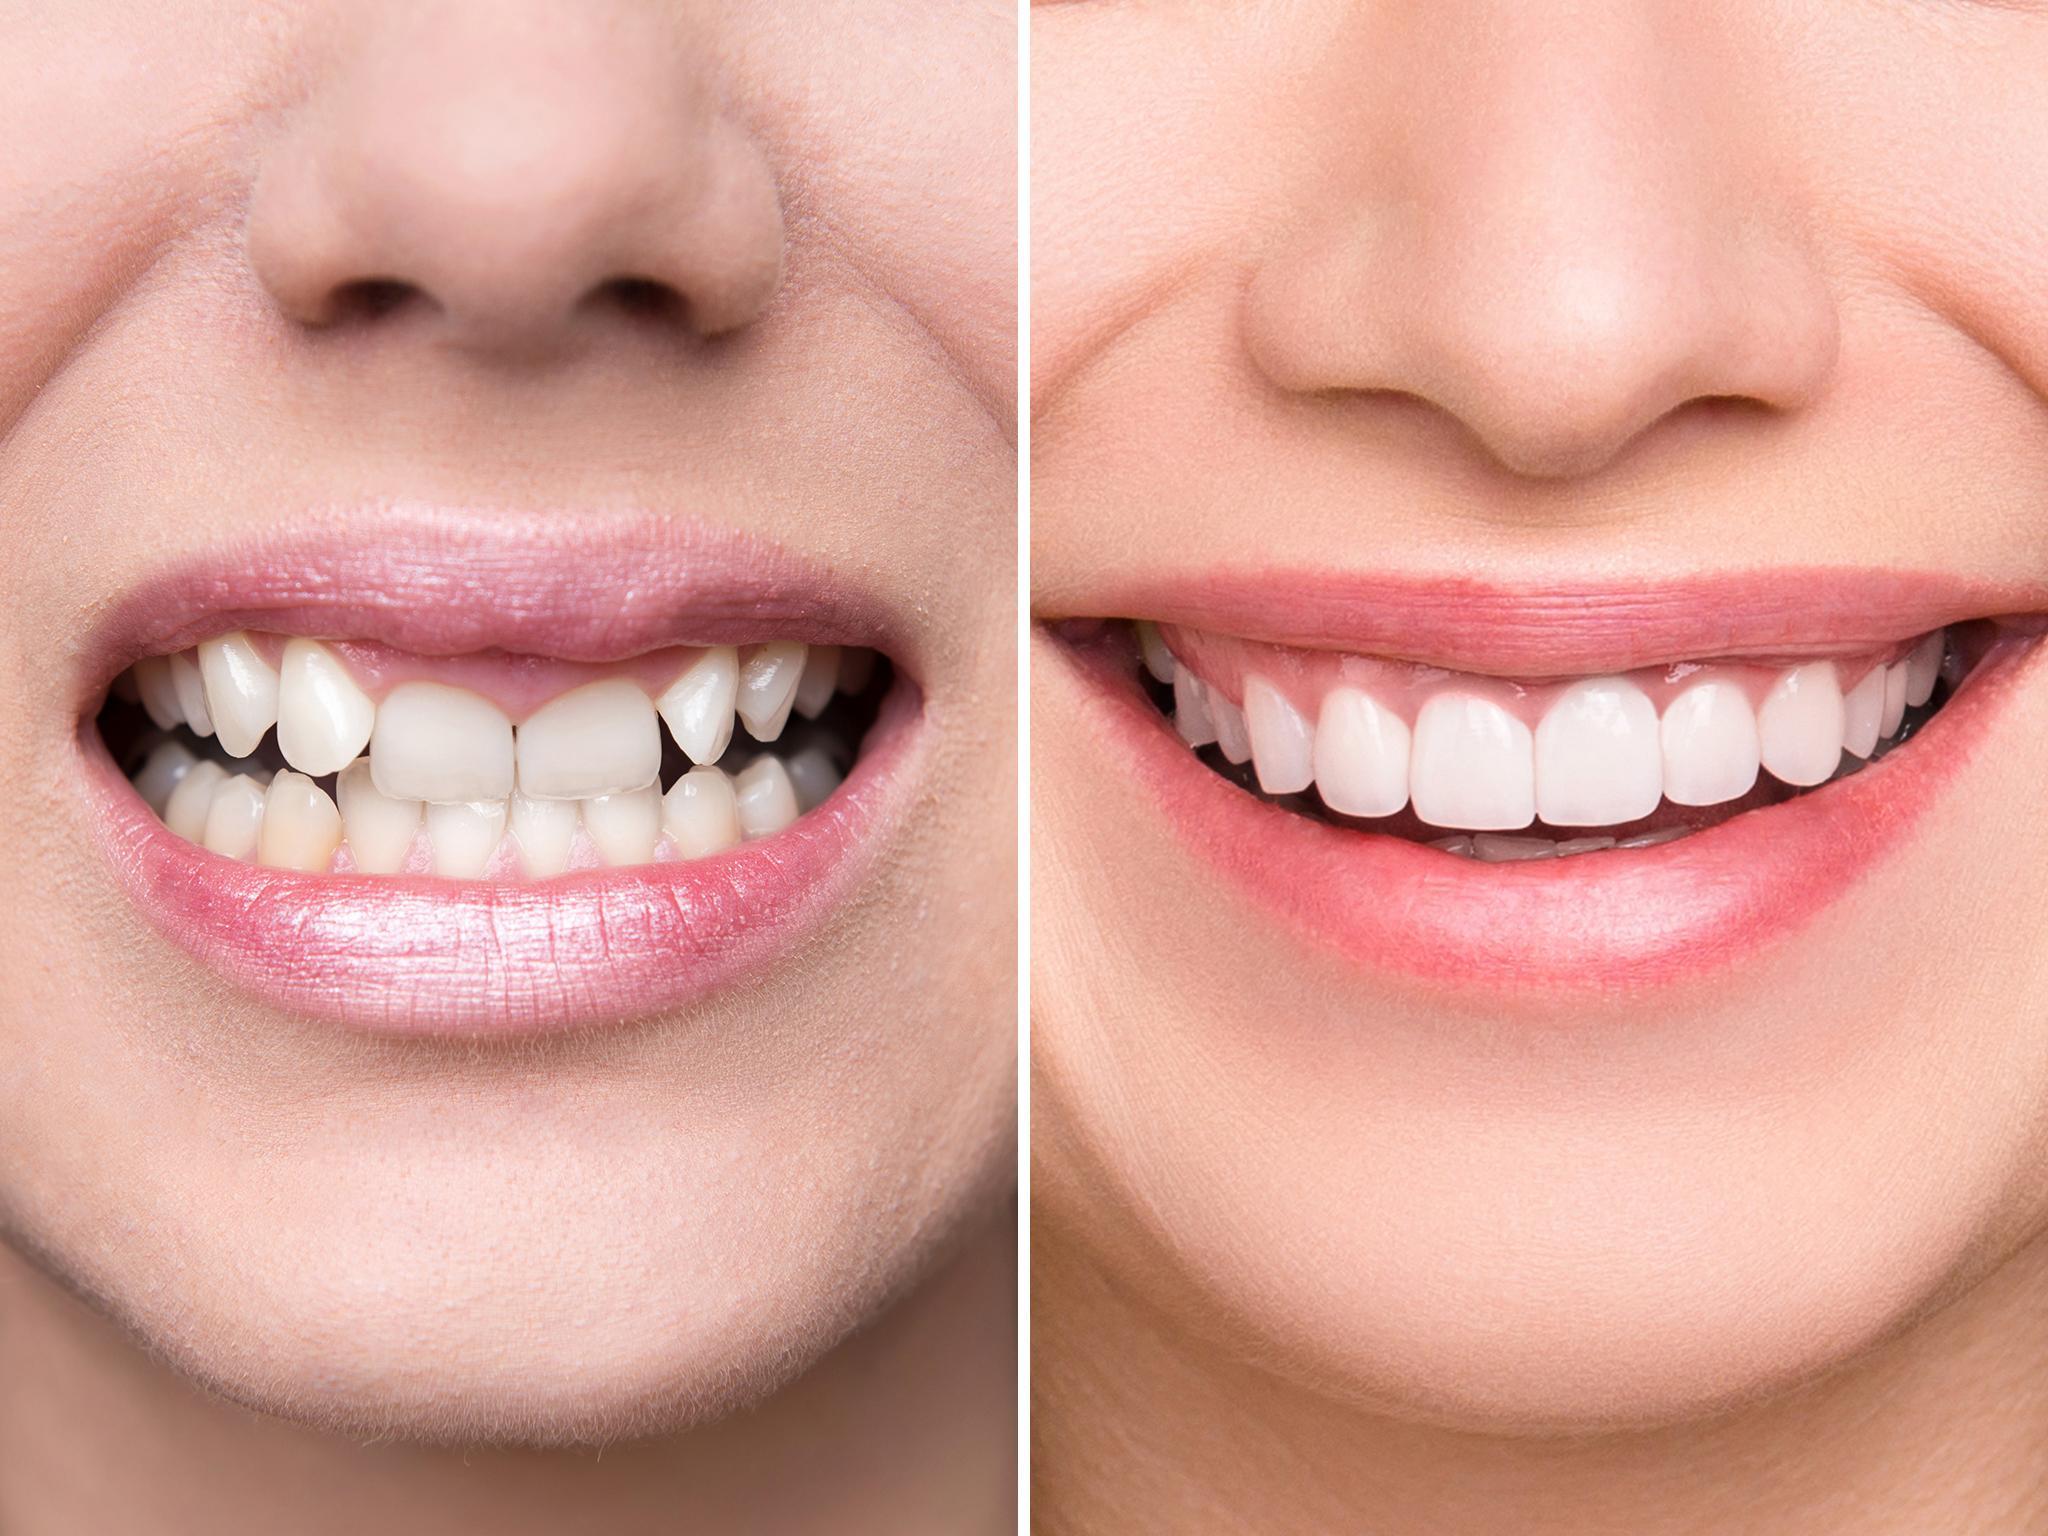 lente-de-contato-dental-antes-e-depois-02